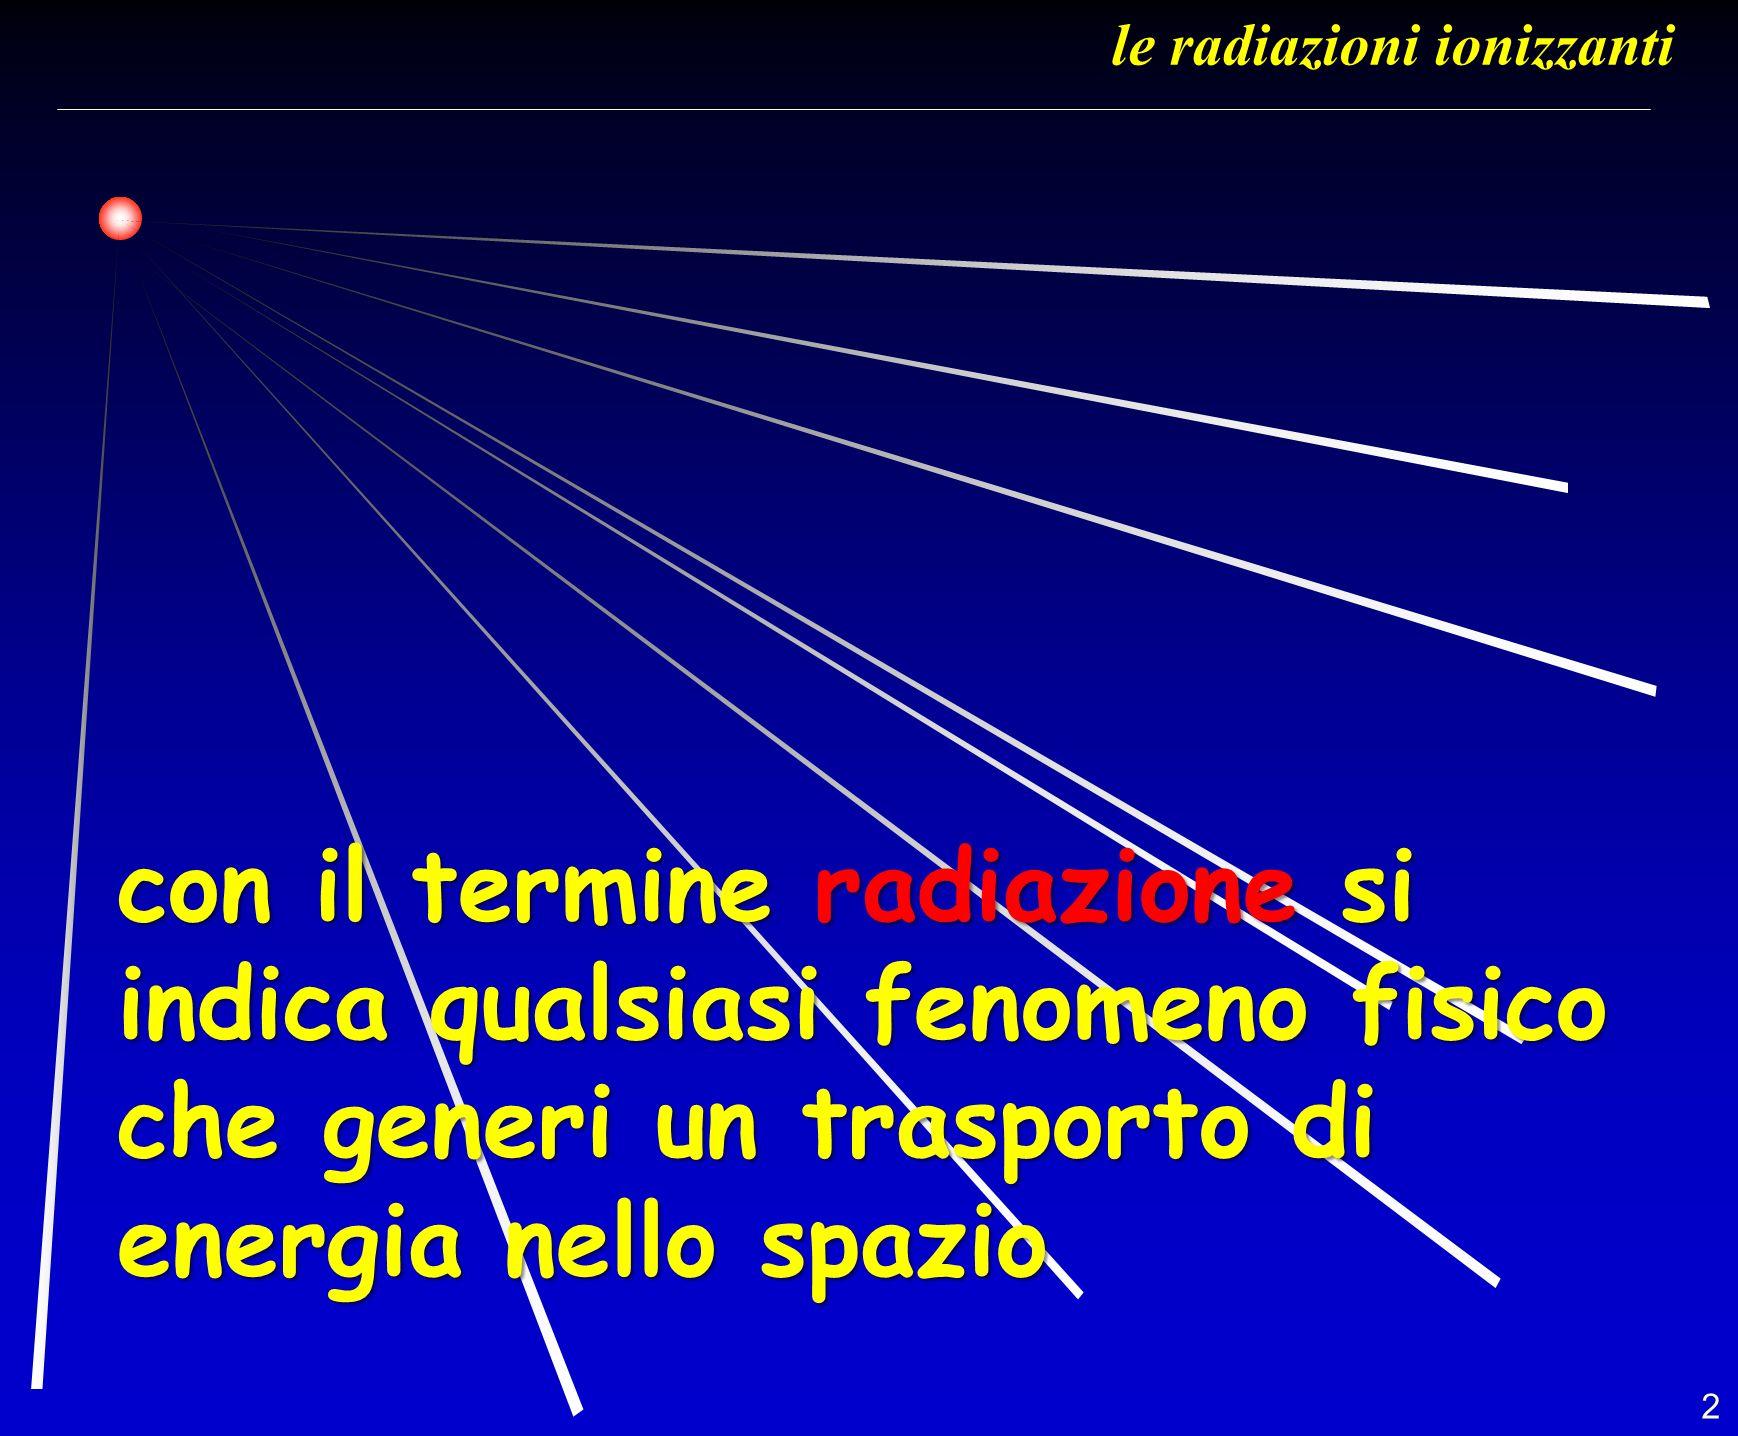 13 i processi di emissione bassissima frequenza ELF0 - 3.10 2 Hz10 -12 eV radiofrequenzeRF10 5 Hz - 3.10 8 Hz 10 -10 eV microondeMW 3.10 8 Hz - 3.10 11 GHz 10 -5 eV infrarossoIR10 11 - 10 14 Hz10 -2 eV luceV10 14 Hz1 eV ultraviolettoUV10 15 Hz2 eV raggi X e gamma X, oltre 10 16 Hz>100 eV Sono onde elettromagnetiche prive sia di massa che di carica, che si propagano nello spazio alla velocità della luce.